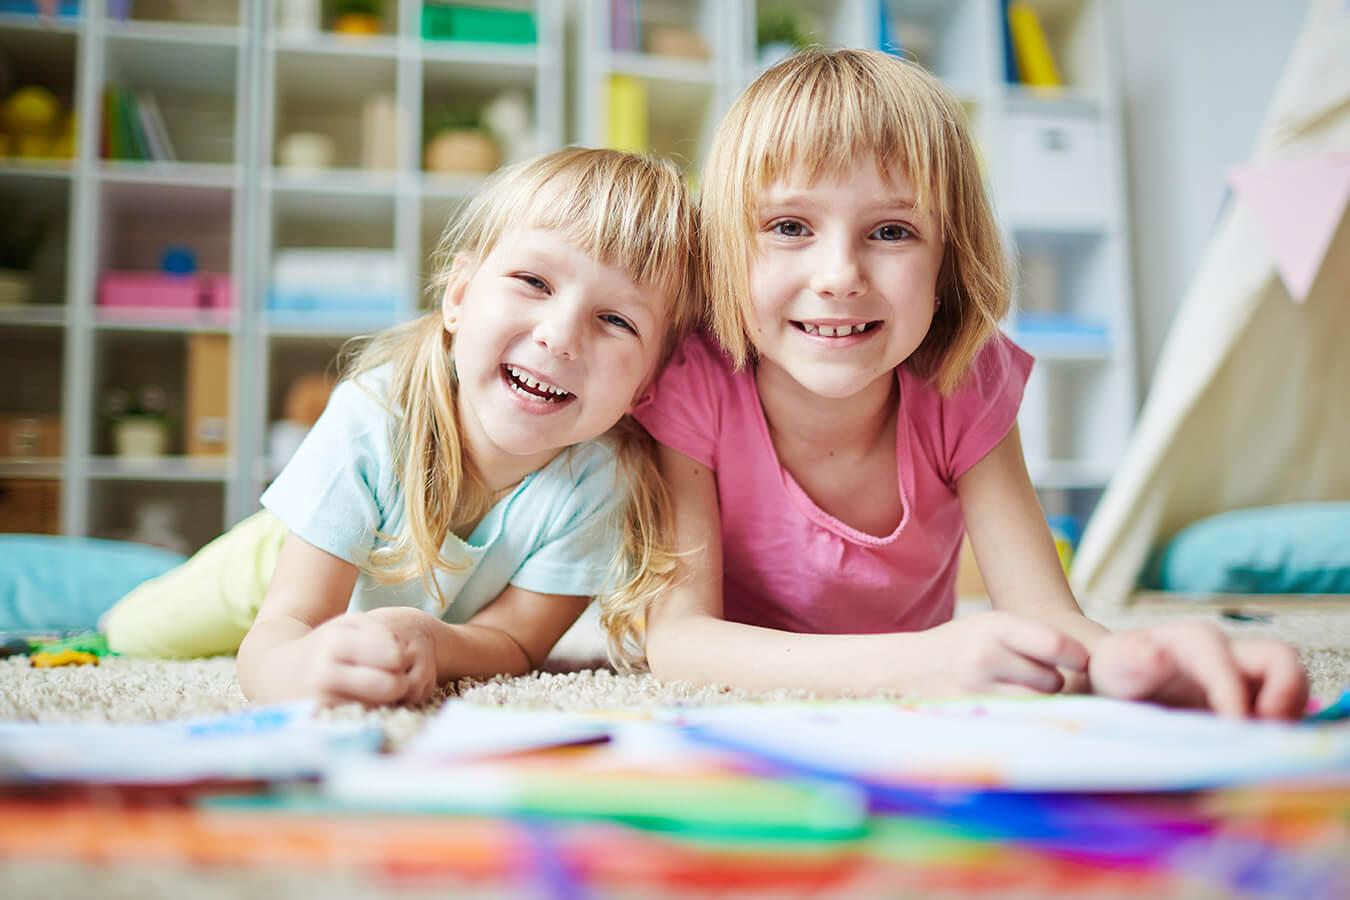 Życzenia na Dzień Dziecka dla przedszkolaków – czego życzyć malcom?